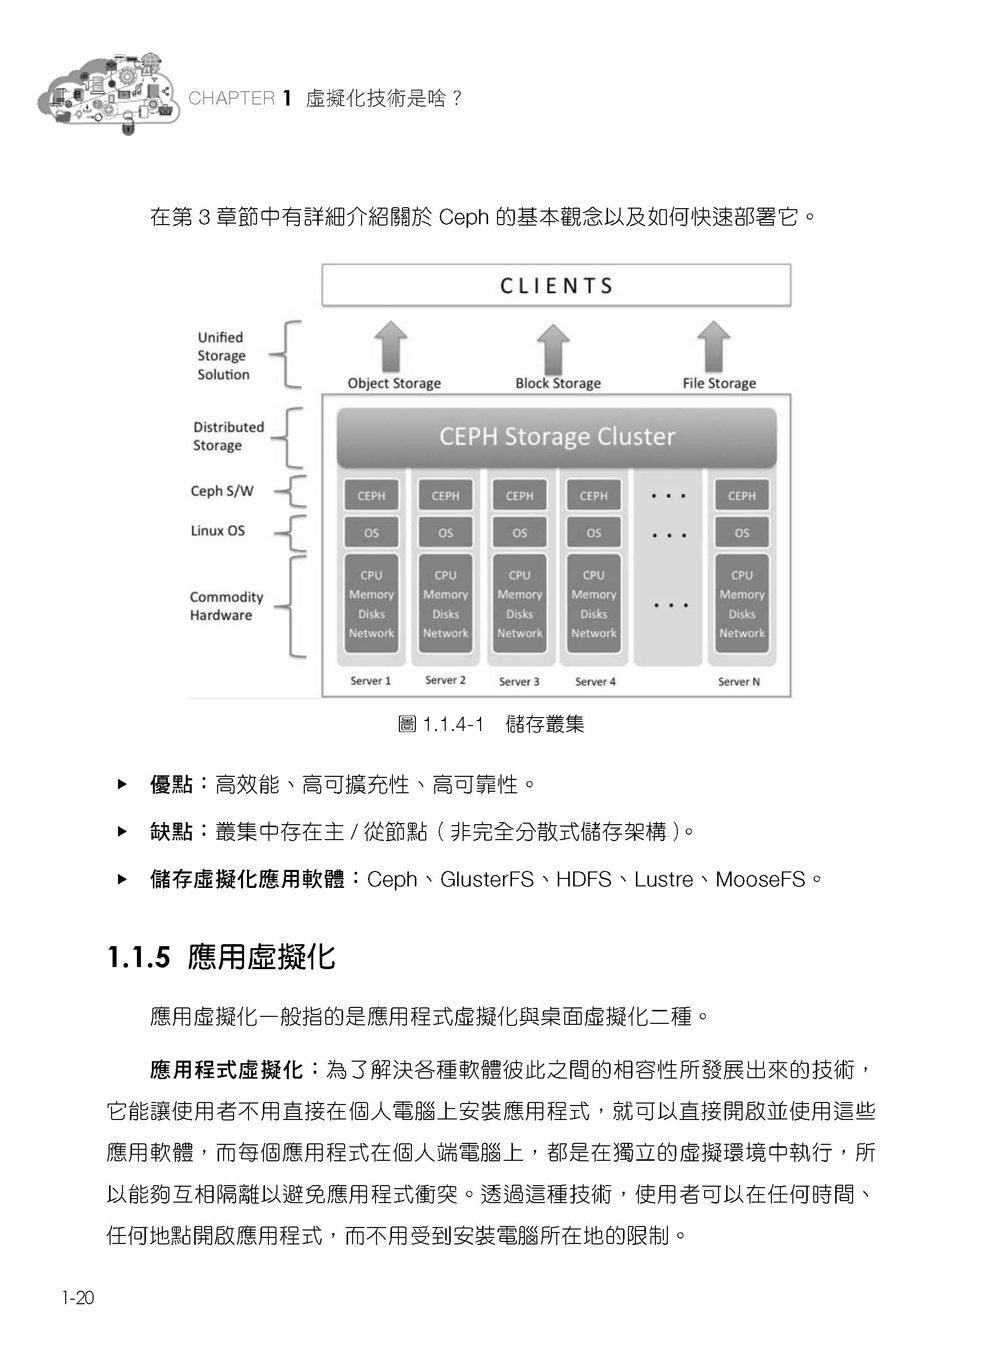 超前部署企業雲 非懂不可 -- 最強圖解虛擬化,openstack 企業雲一日即成-preview-5